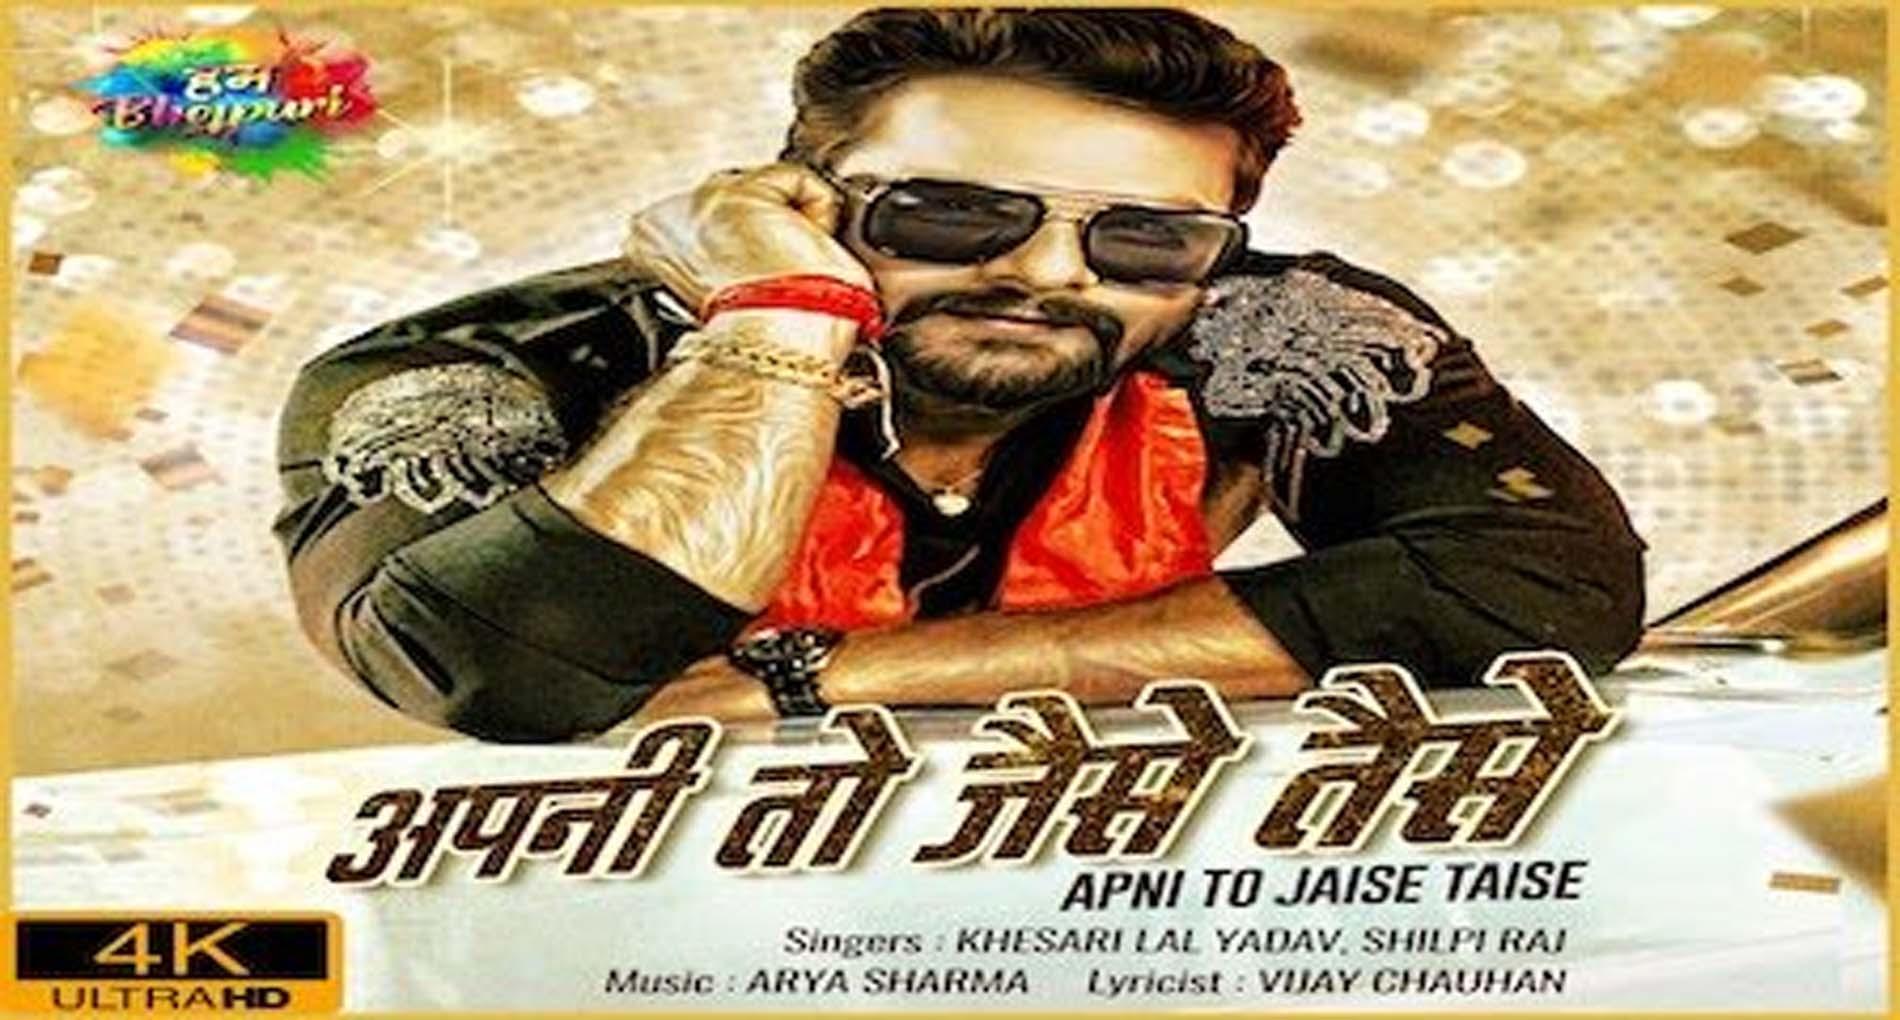 Khesari Lal Yadav Bhojpuri Song: खेसारी लाल के गाने 'Apni To Jaise Taise' ने उड़ाया गर्दा!